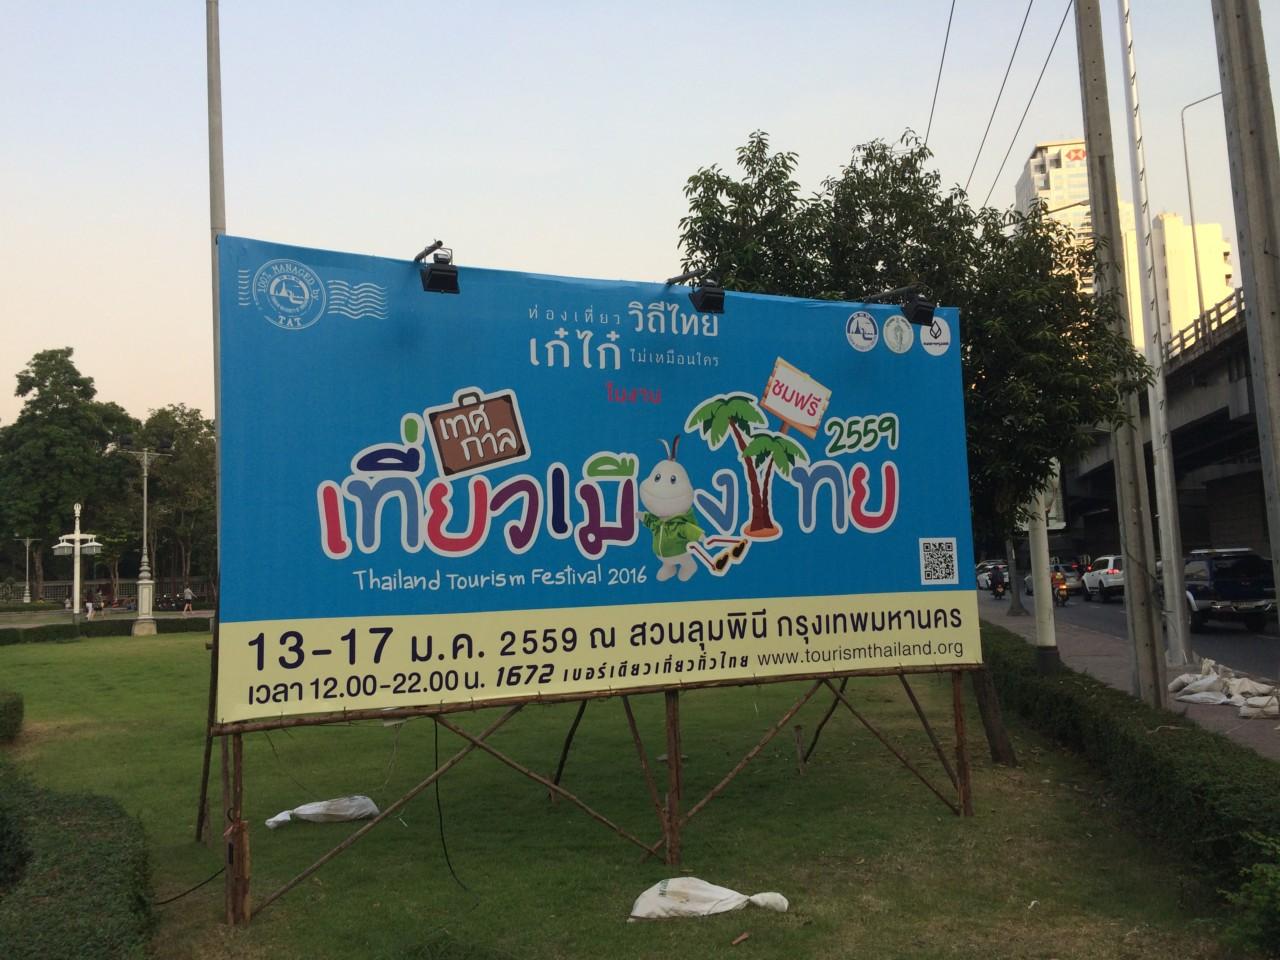 タイ旅行フェスティバル2016